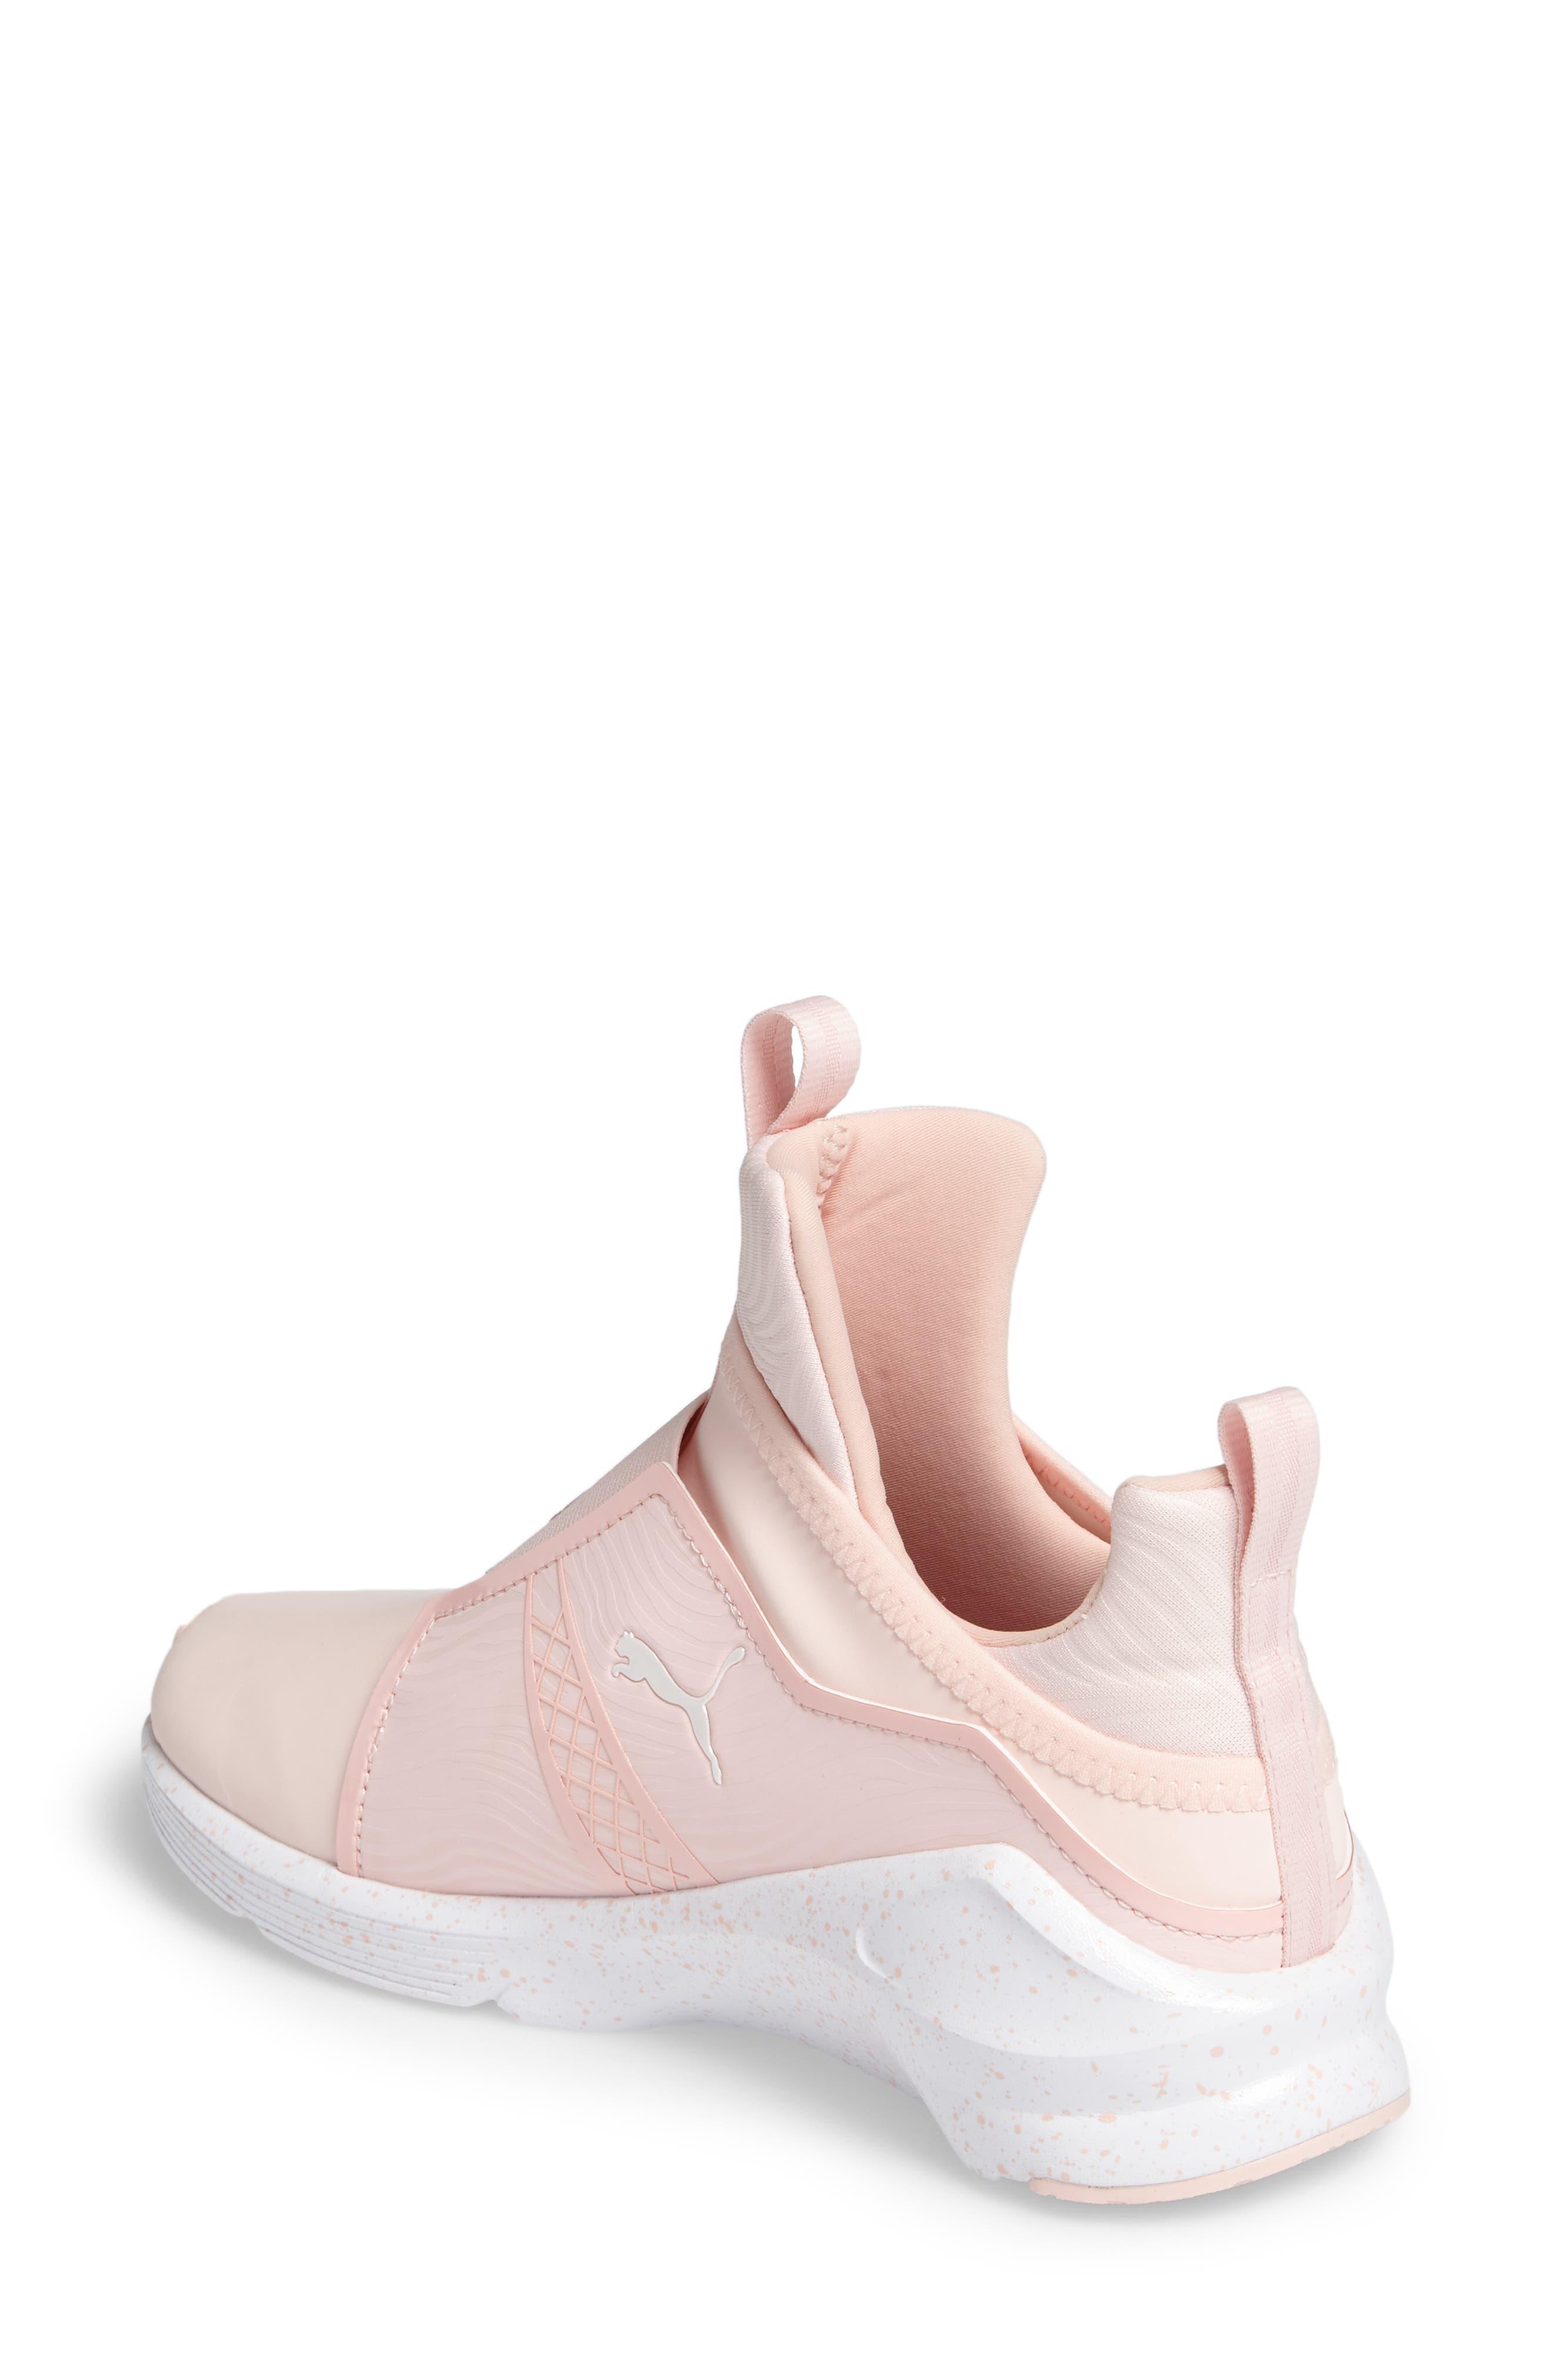 Fierce Bleached High Top Sneaker,                             Alternate thumbnail 2, color,                             Veiled Rose/ Whisper White